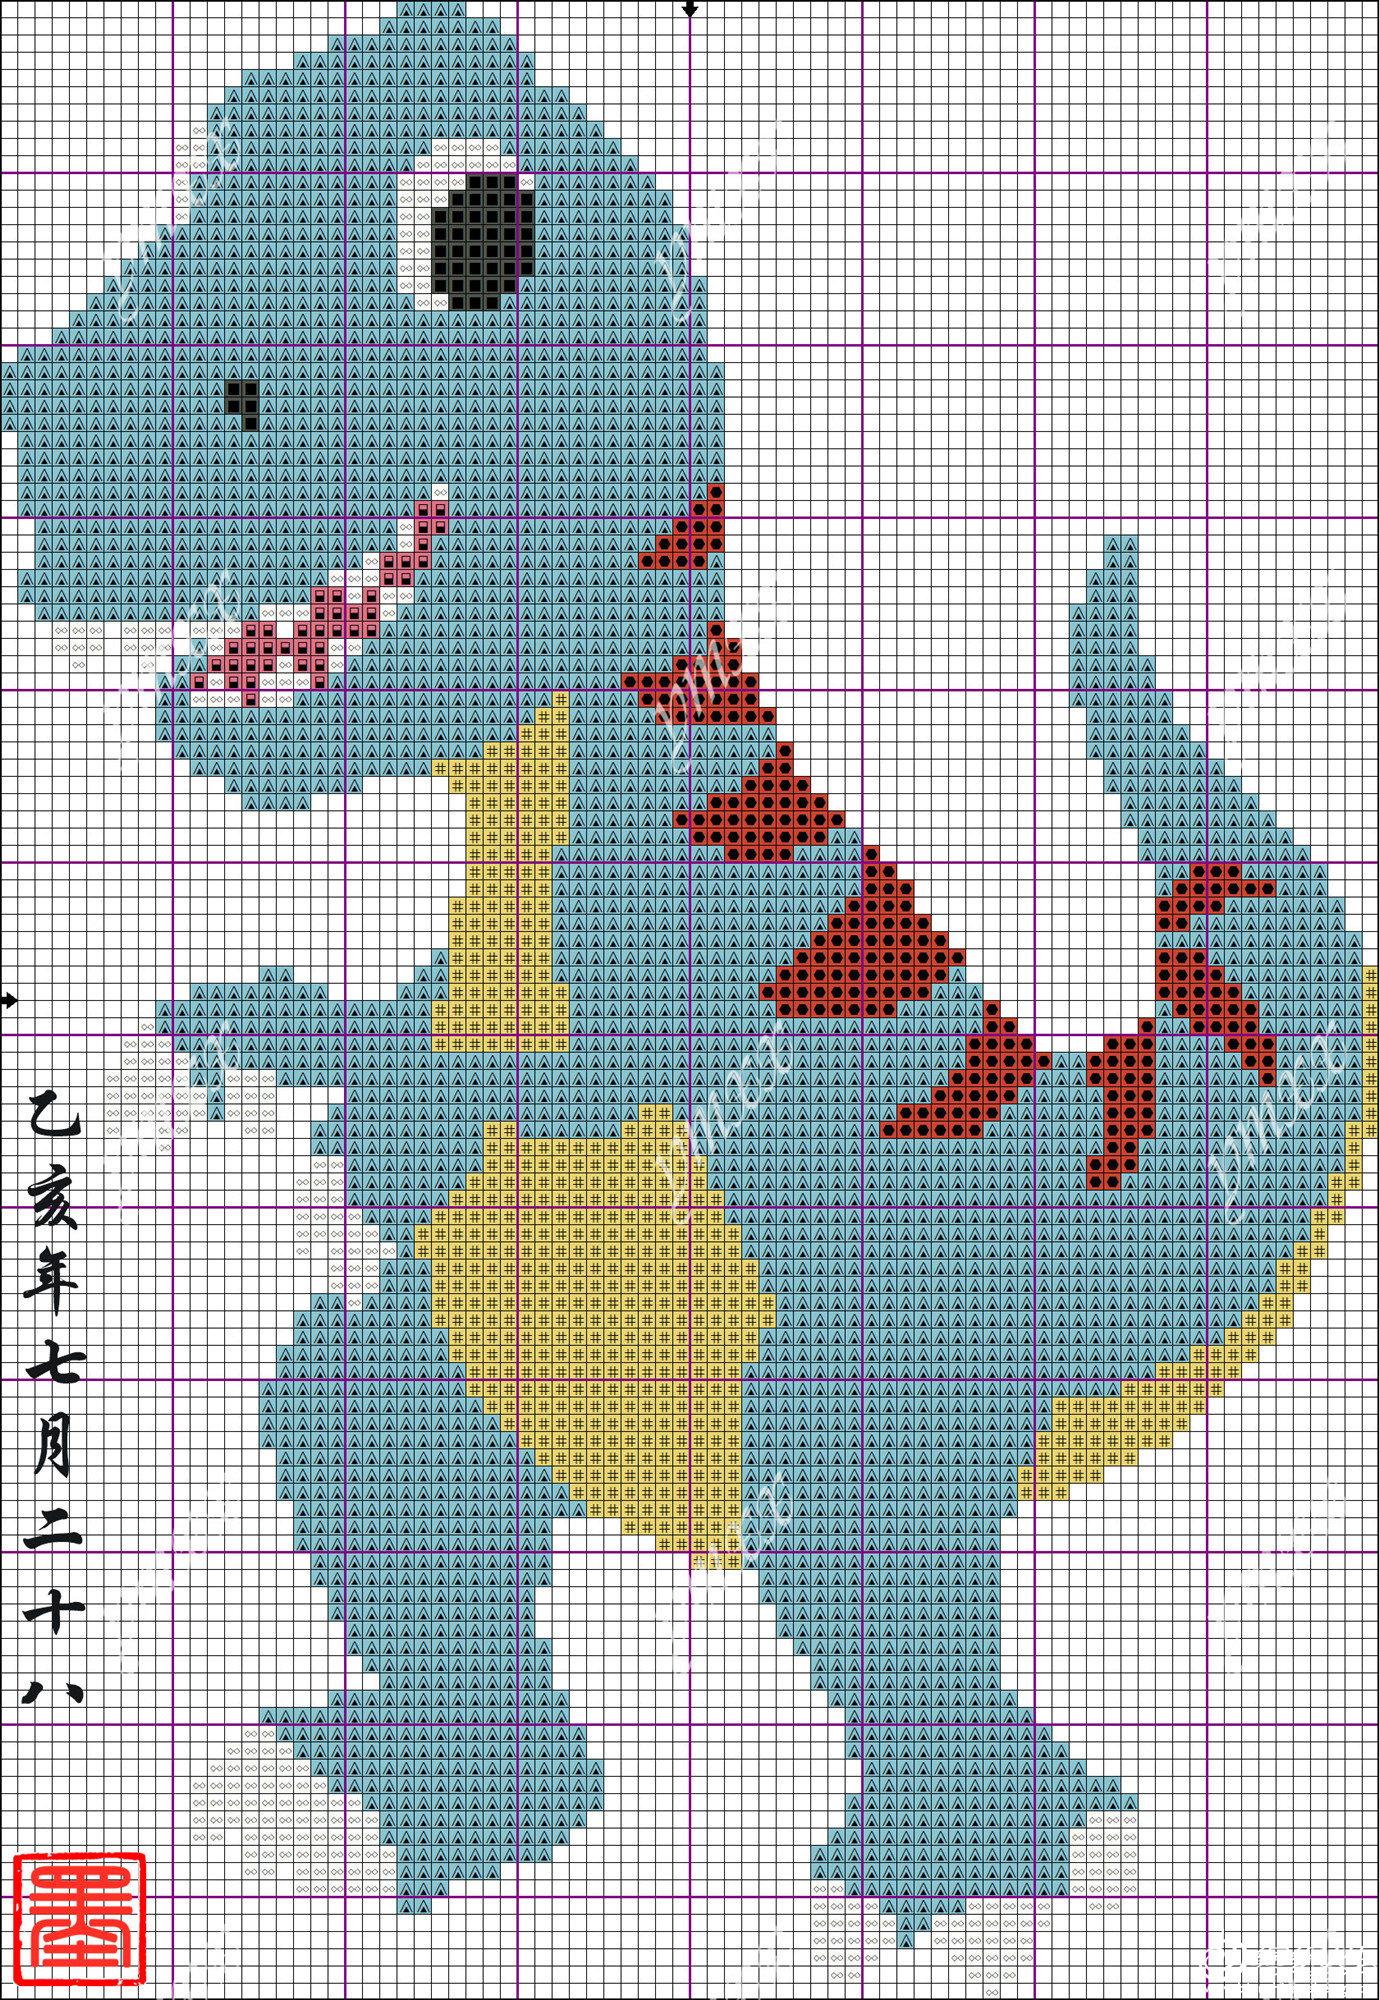 十字绣龙的图案_儿童毛衣图案:恐龙之霸王龙_儿童毛衣图解图库_编织人生论坛